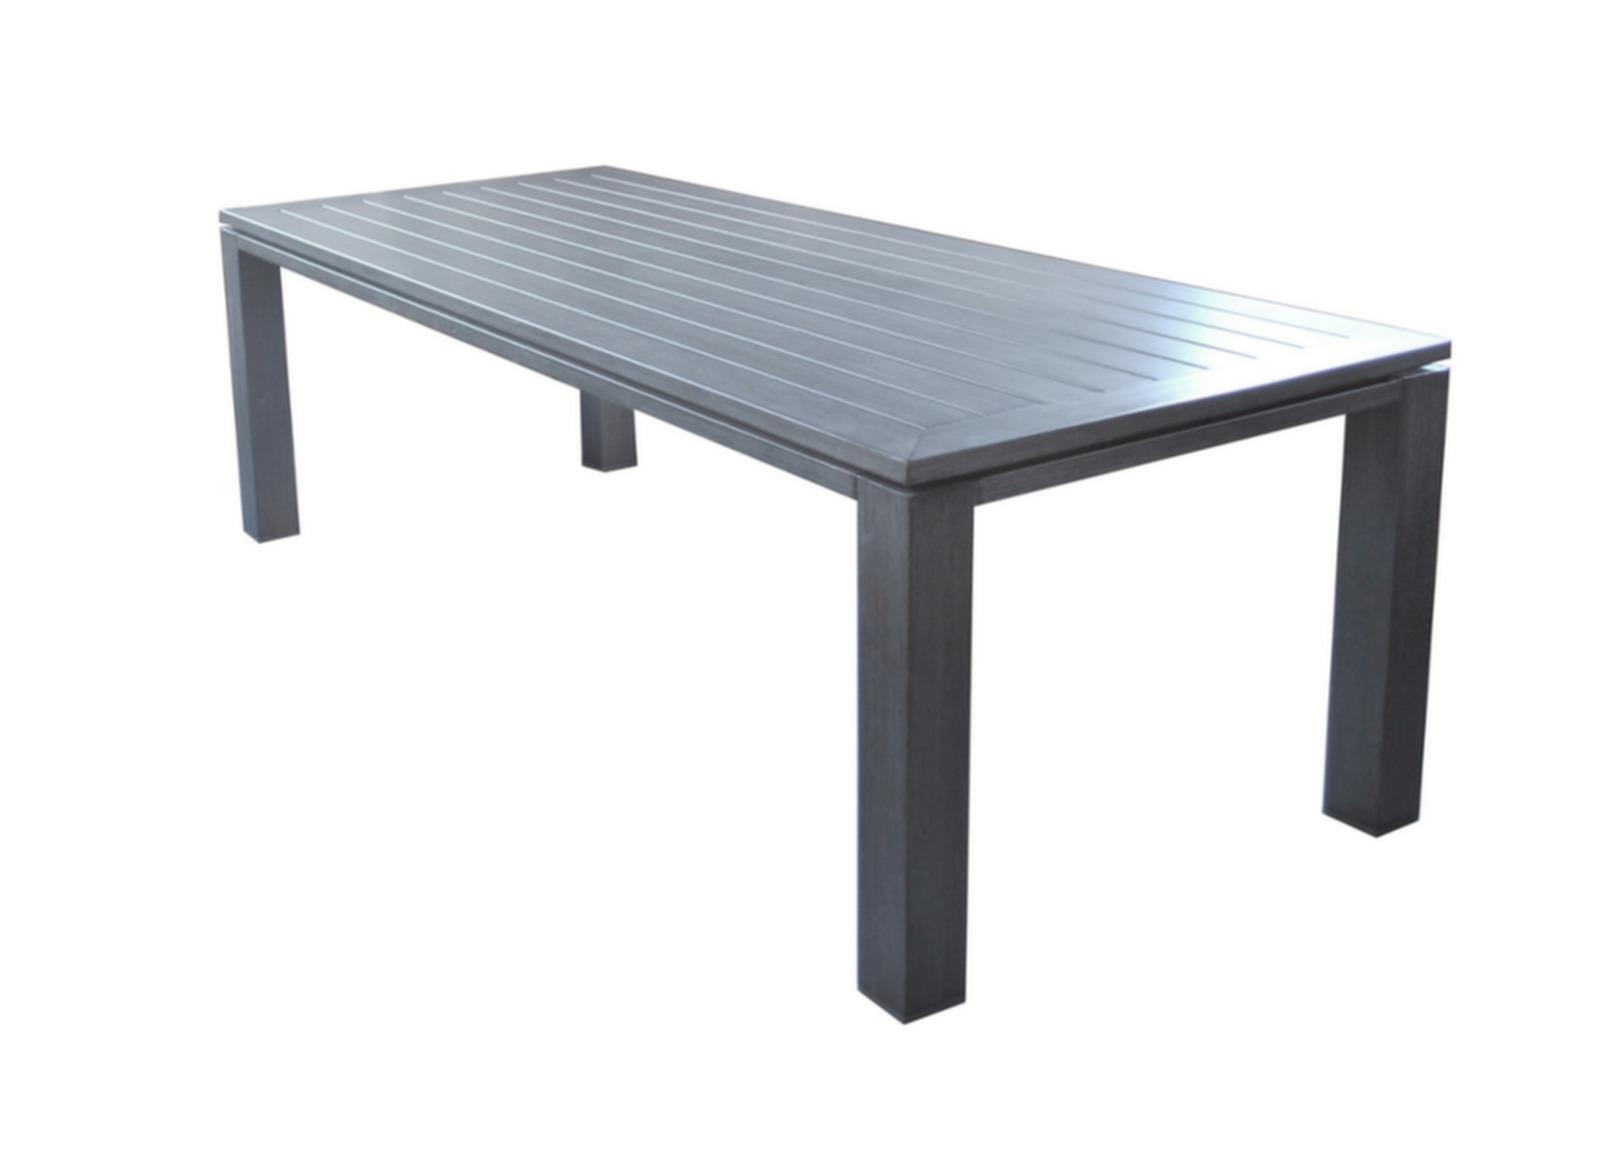 table latino 240 cm mobilier de jardin pour le repas promotions bons plans proloisirs